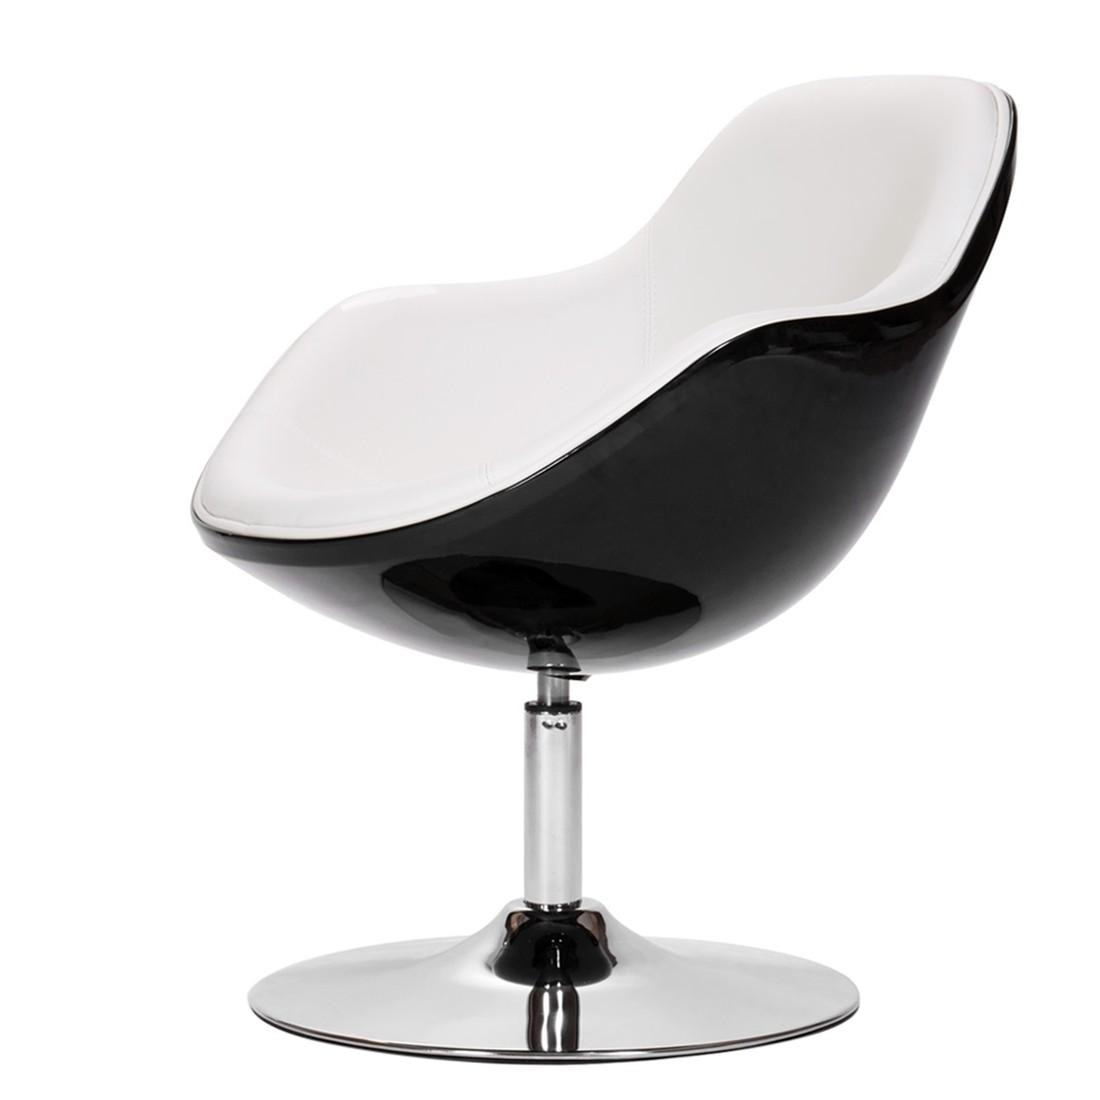 Lounge sessel schwarz weiß  Sessel Cartago - Kunstleder - Kunstleder Veli Weiß-Schwarz II jetzt ...